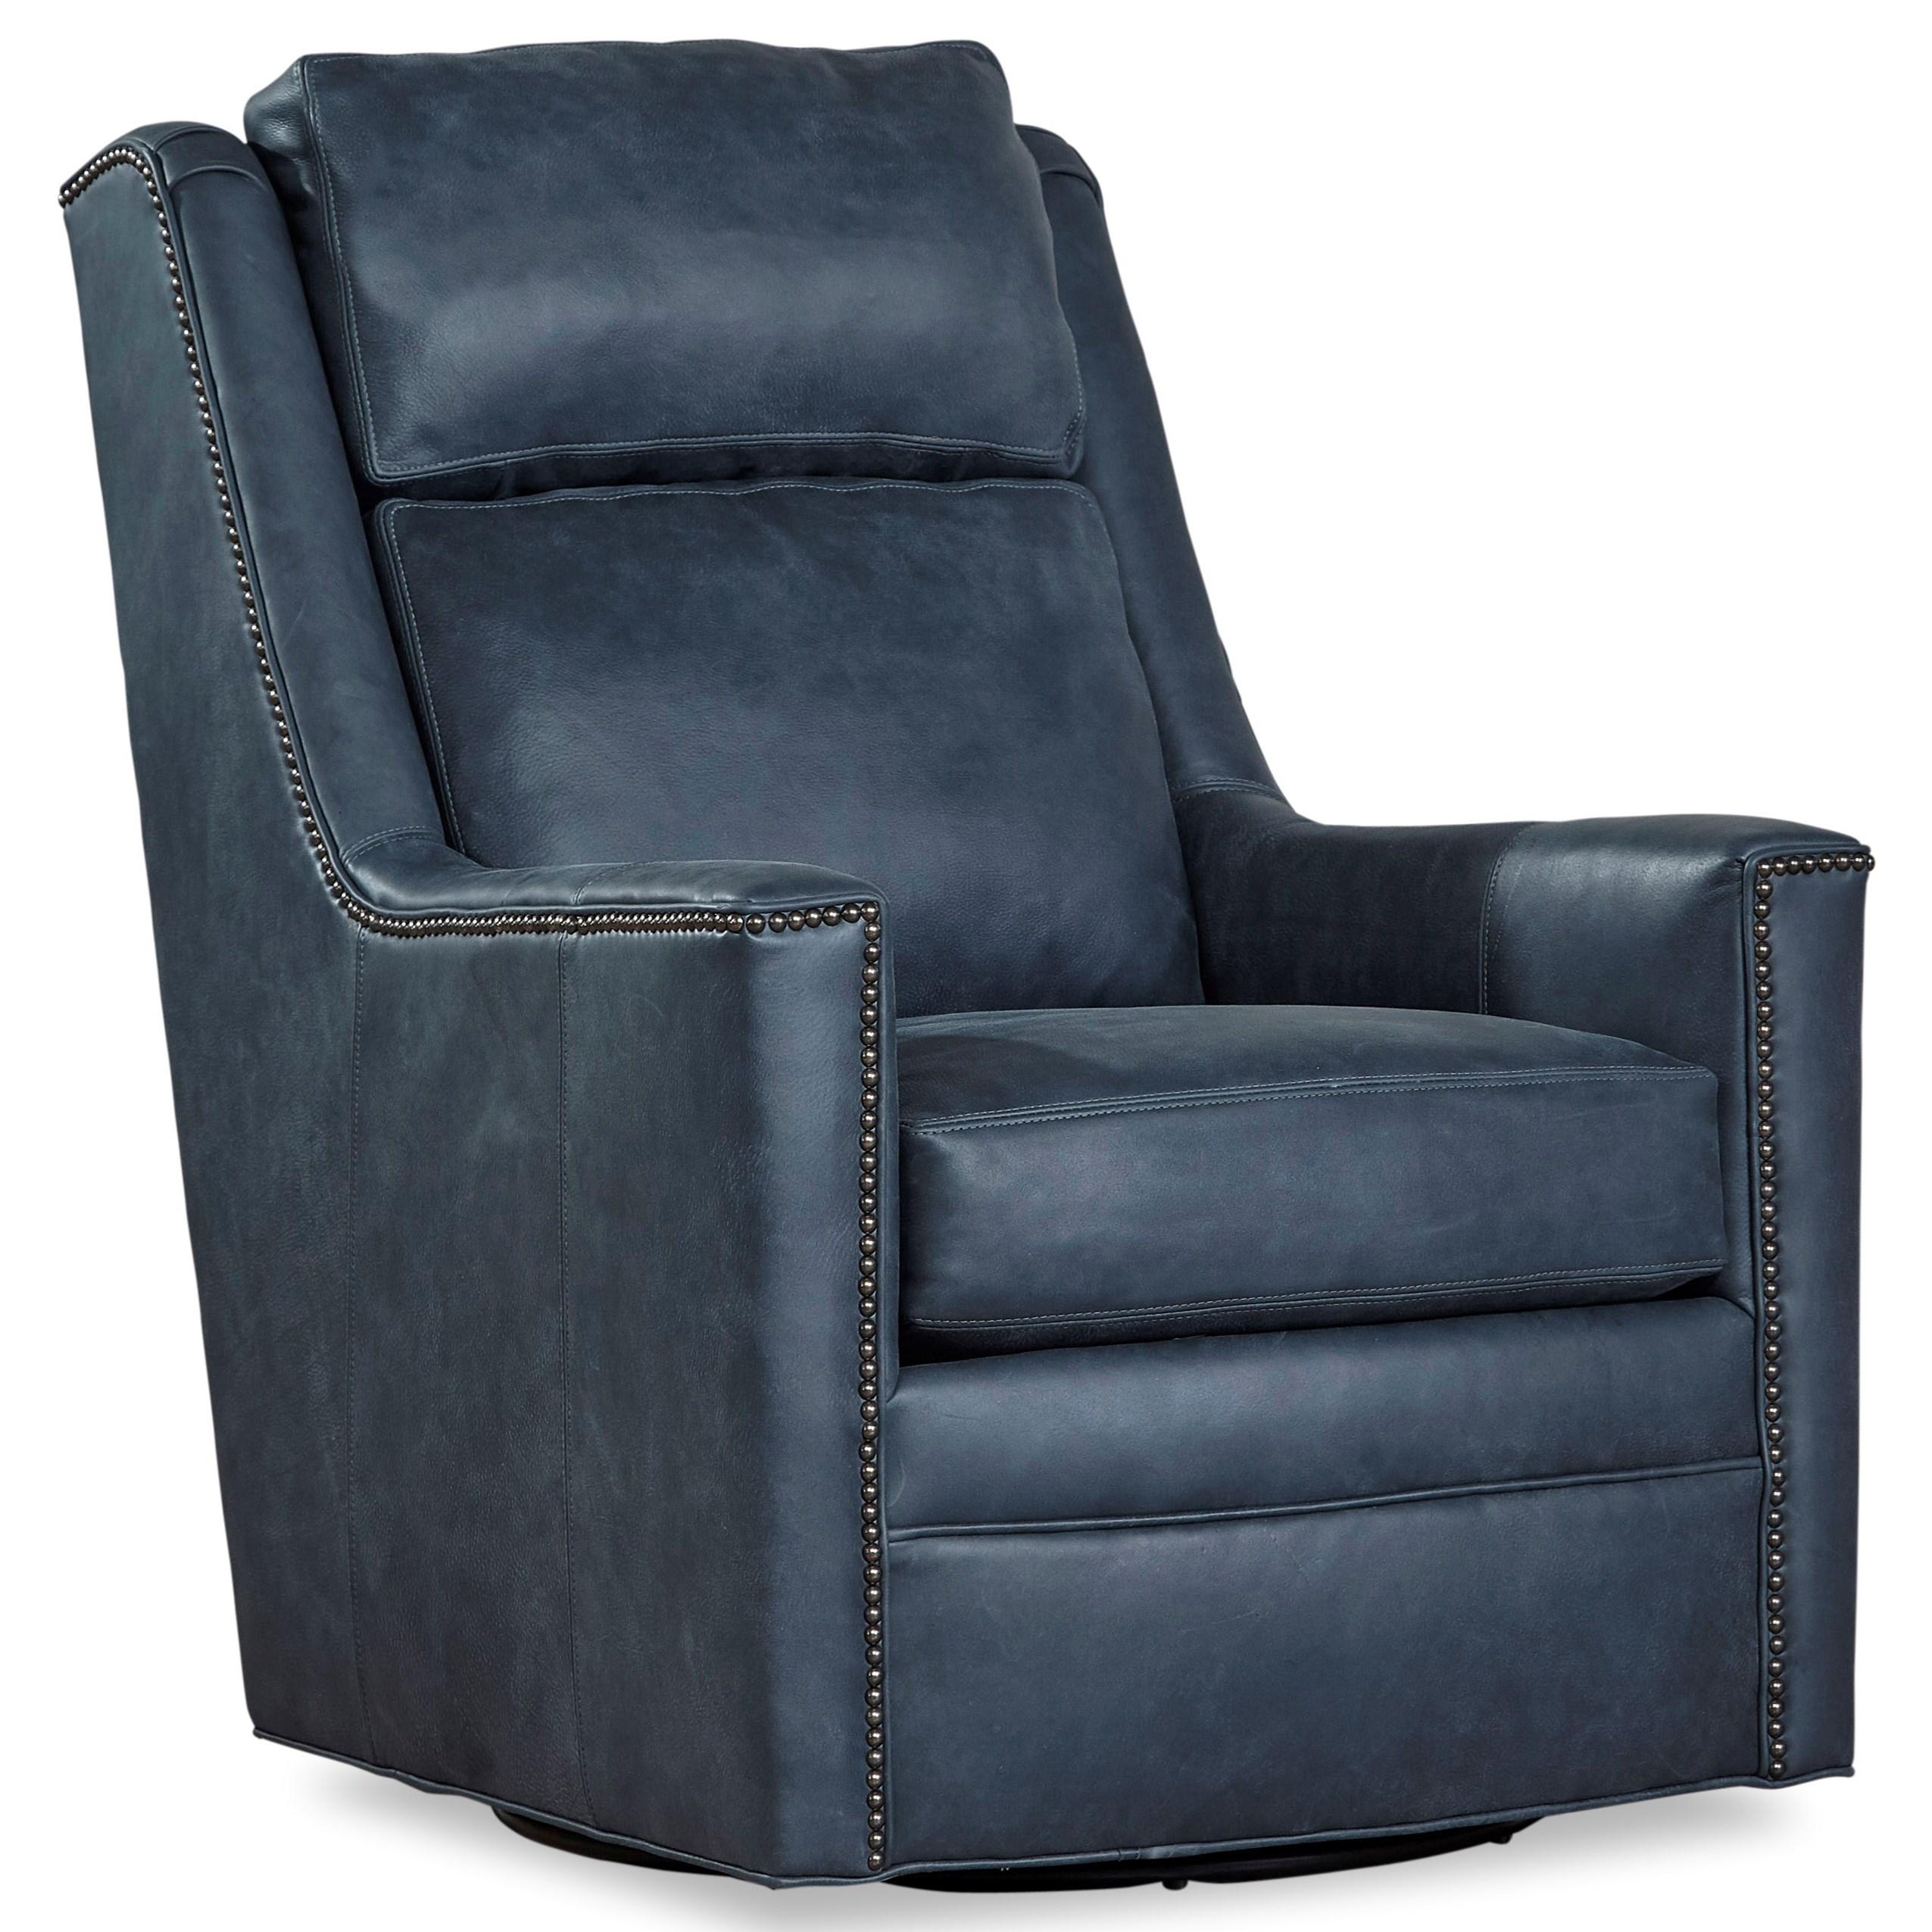 7268 Swivel Chair by Geoffrey Alexander at Sprintz Furniture